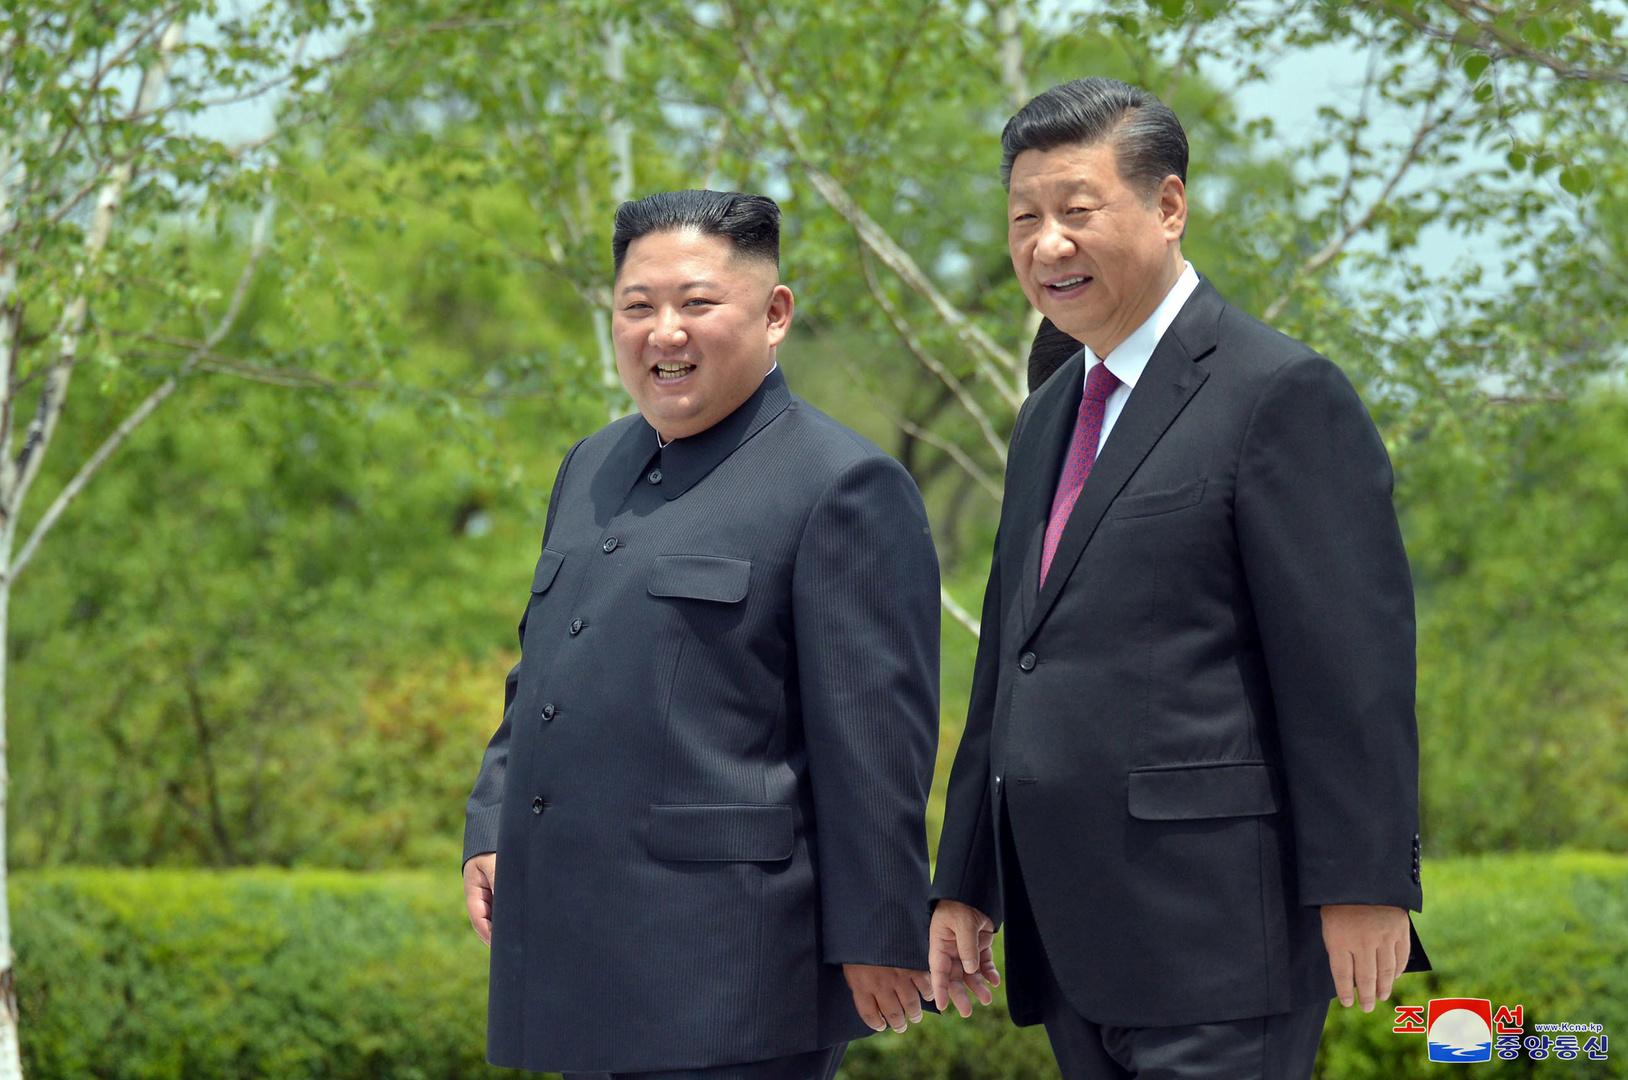 كوريا الشمالية والصين تعقدان ندوة مشتركة نادرة بمناسبة ذكرى الزيارتين المتبادلتين للقائدين